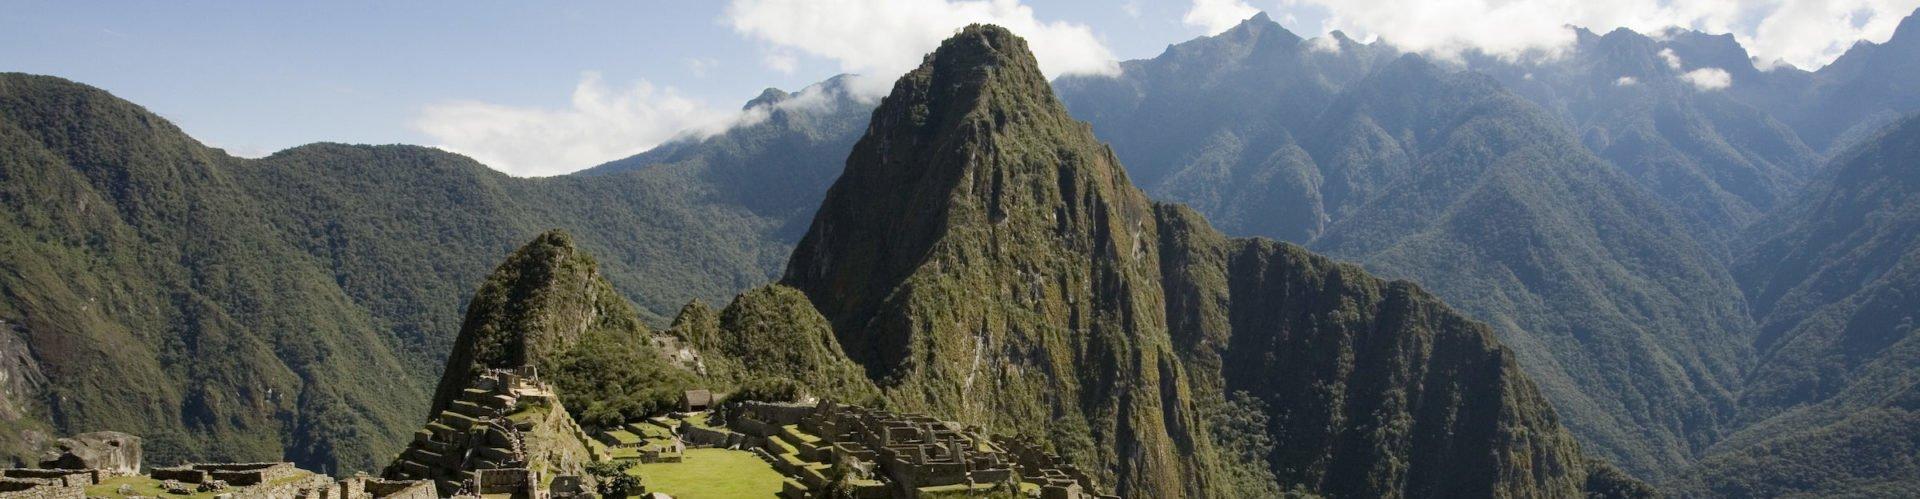 Peru, Machu Picchu, Latin America Tours